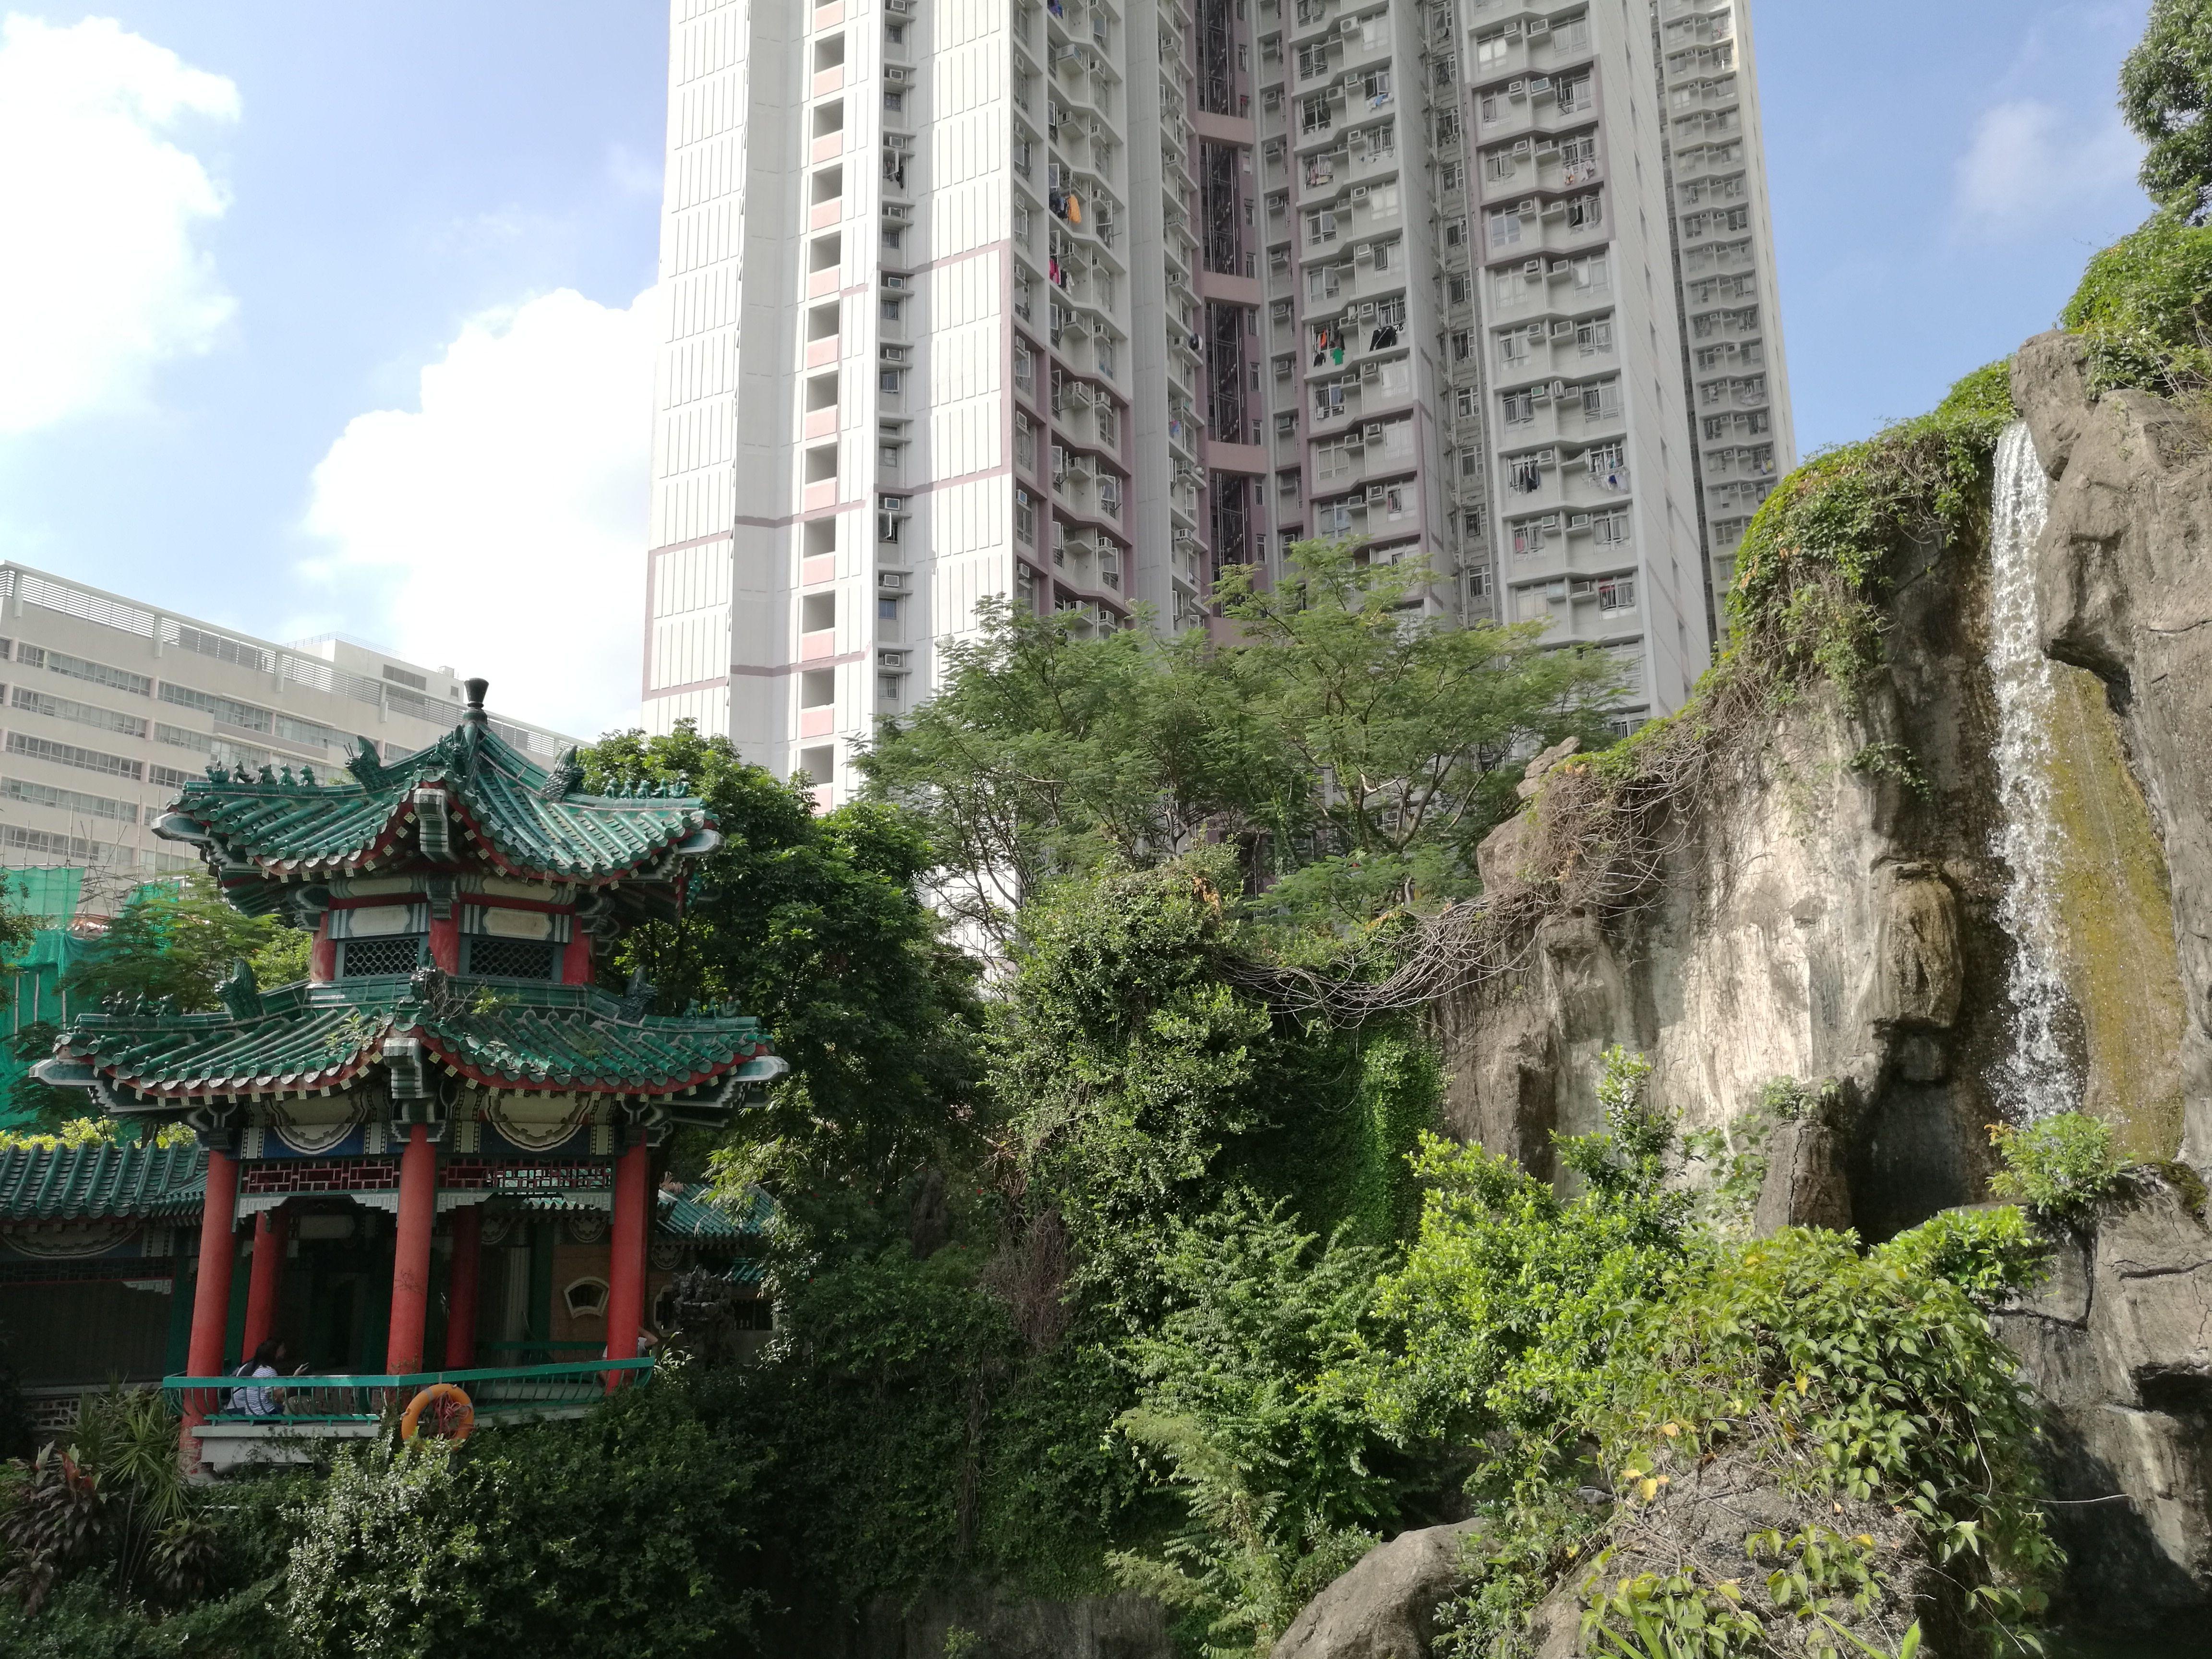 Jardines de Won Tai Sin